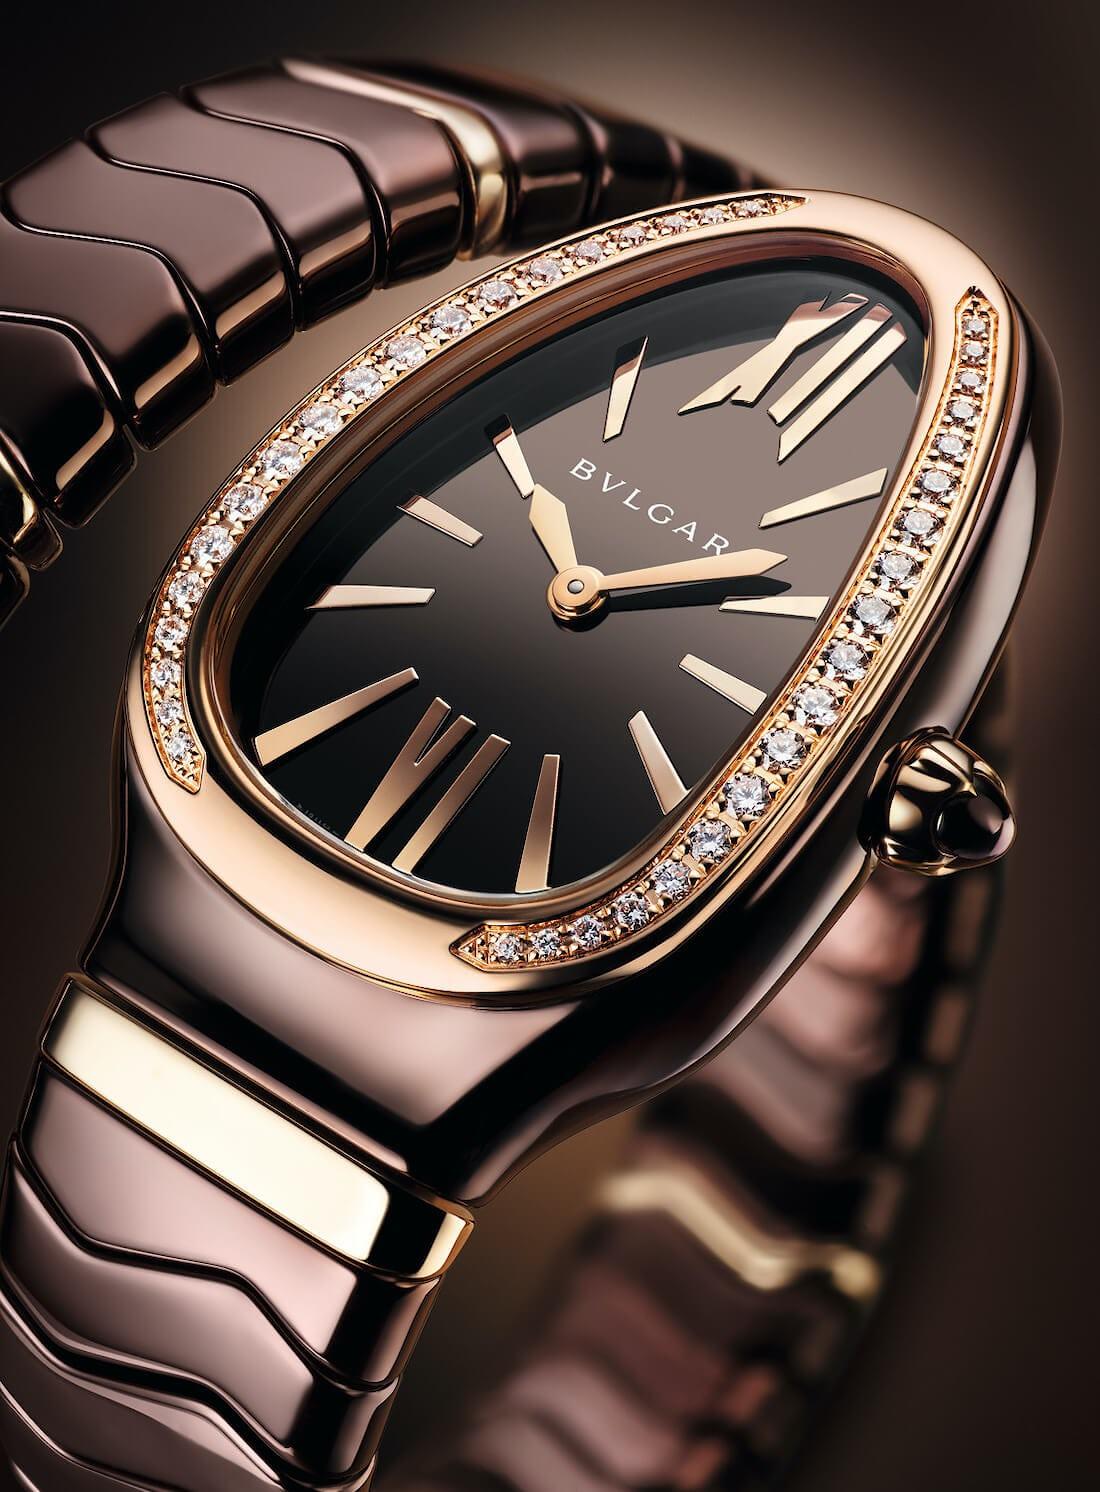 103060 002 cre.jpg?ixlib=rails 1.1 - Khám phá đồng hồ Bvlgari Serpenti thời trang Nhật Bản